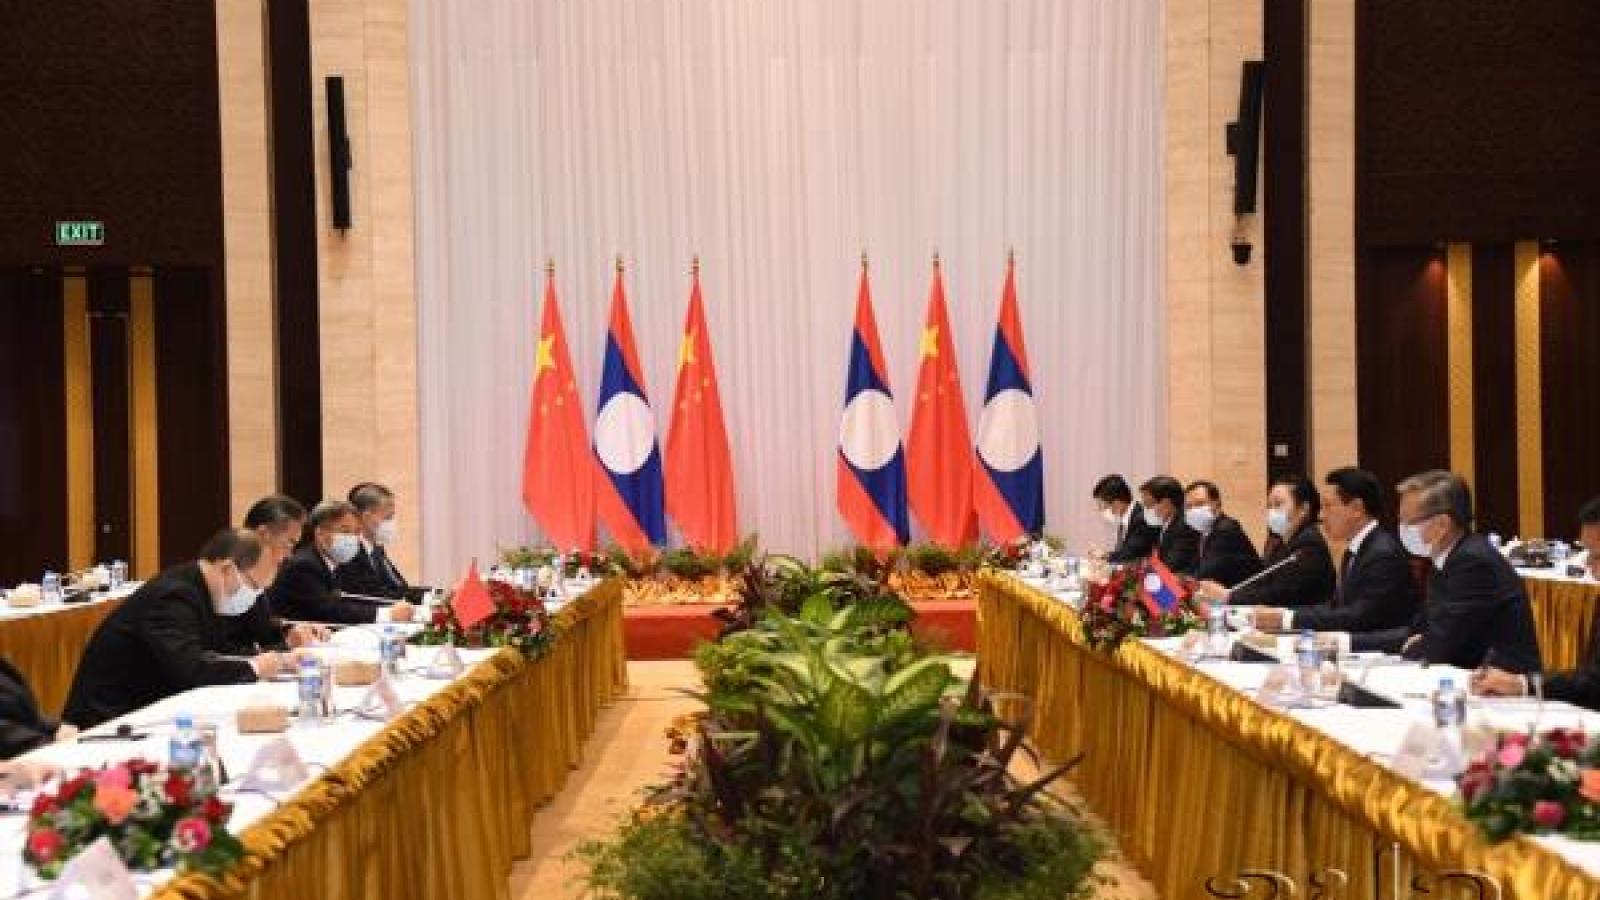 Trung Quốc và Lào thảo luận các biện pháp tăng cường quan hệ song phương